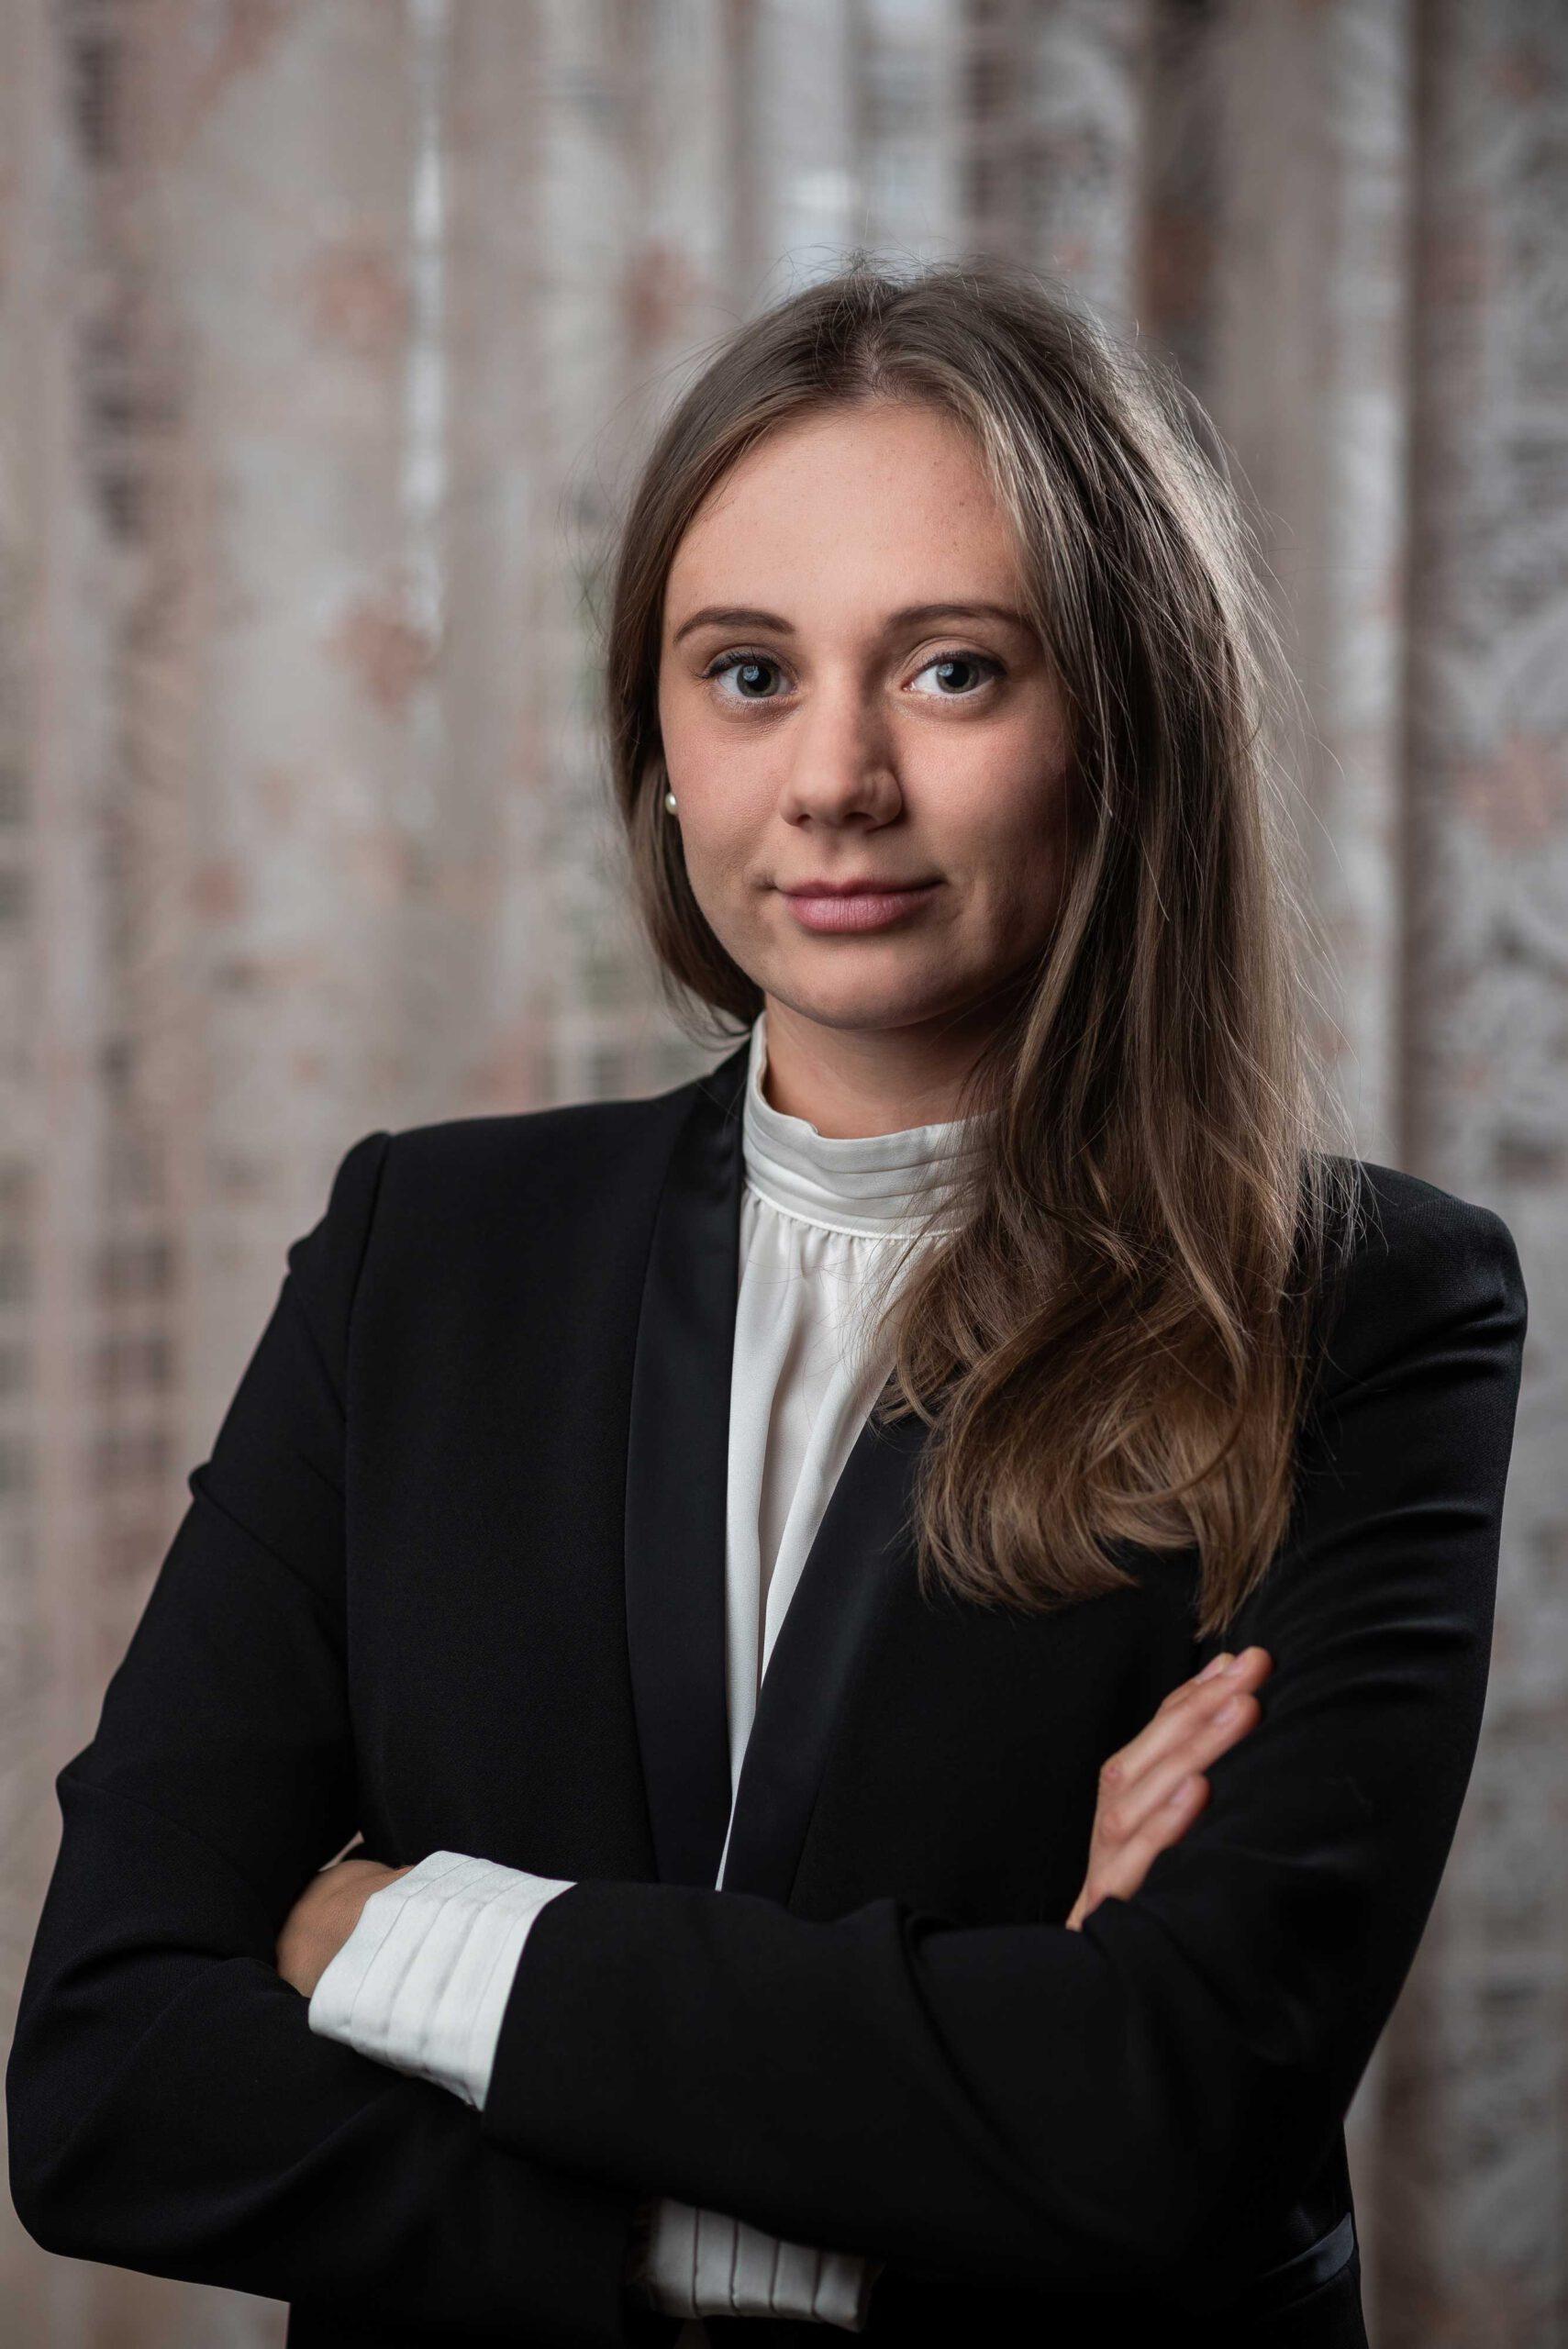 DR. NAGY VIKTORIA ANNA